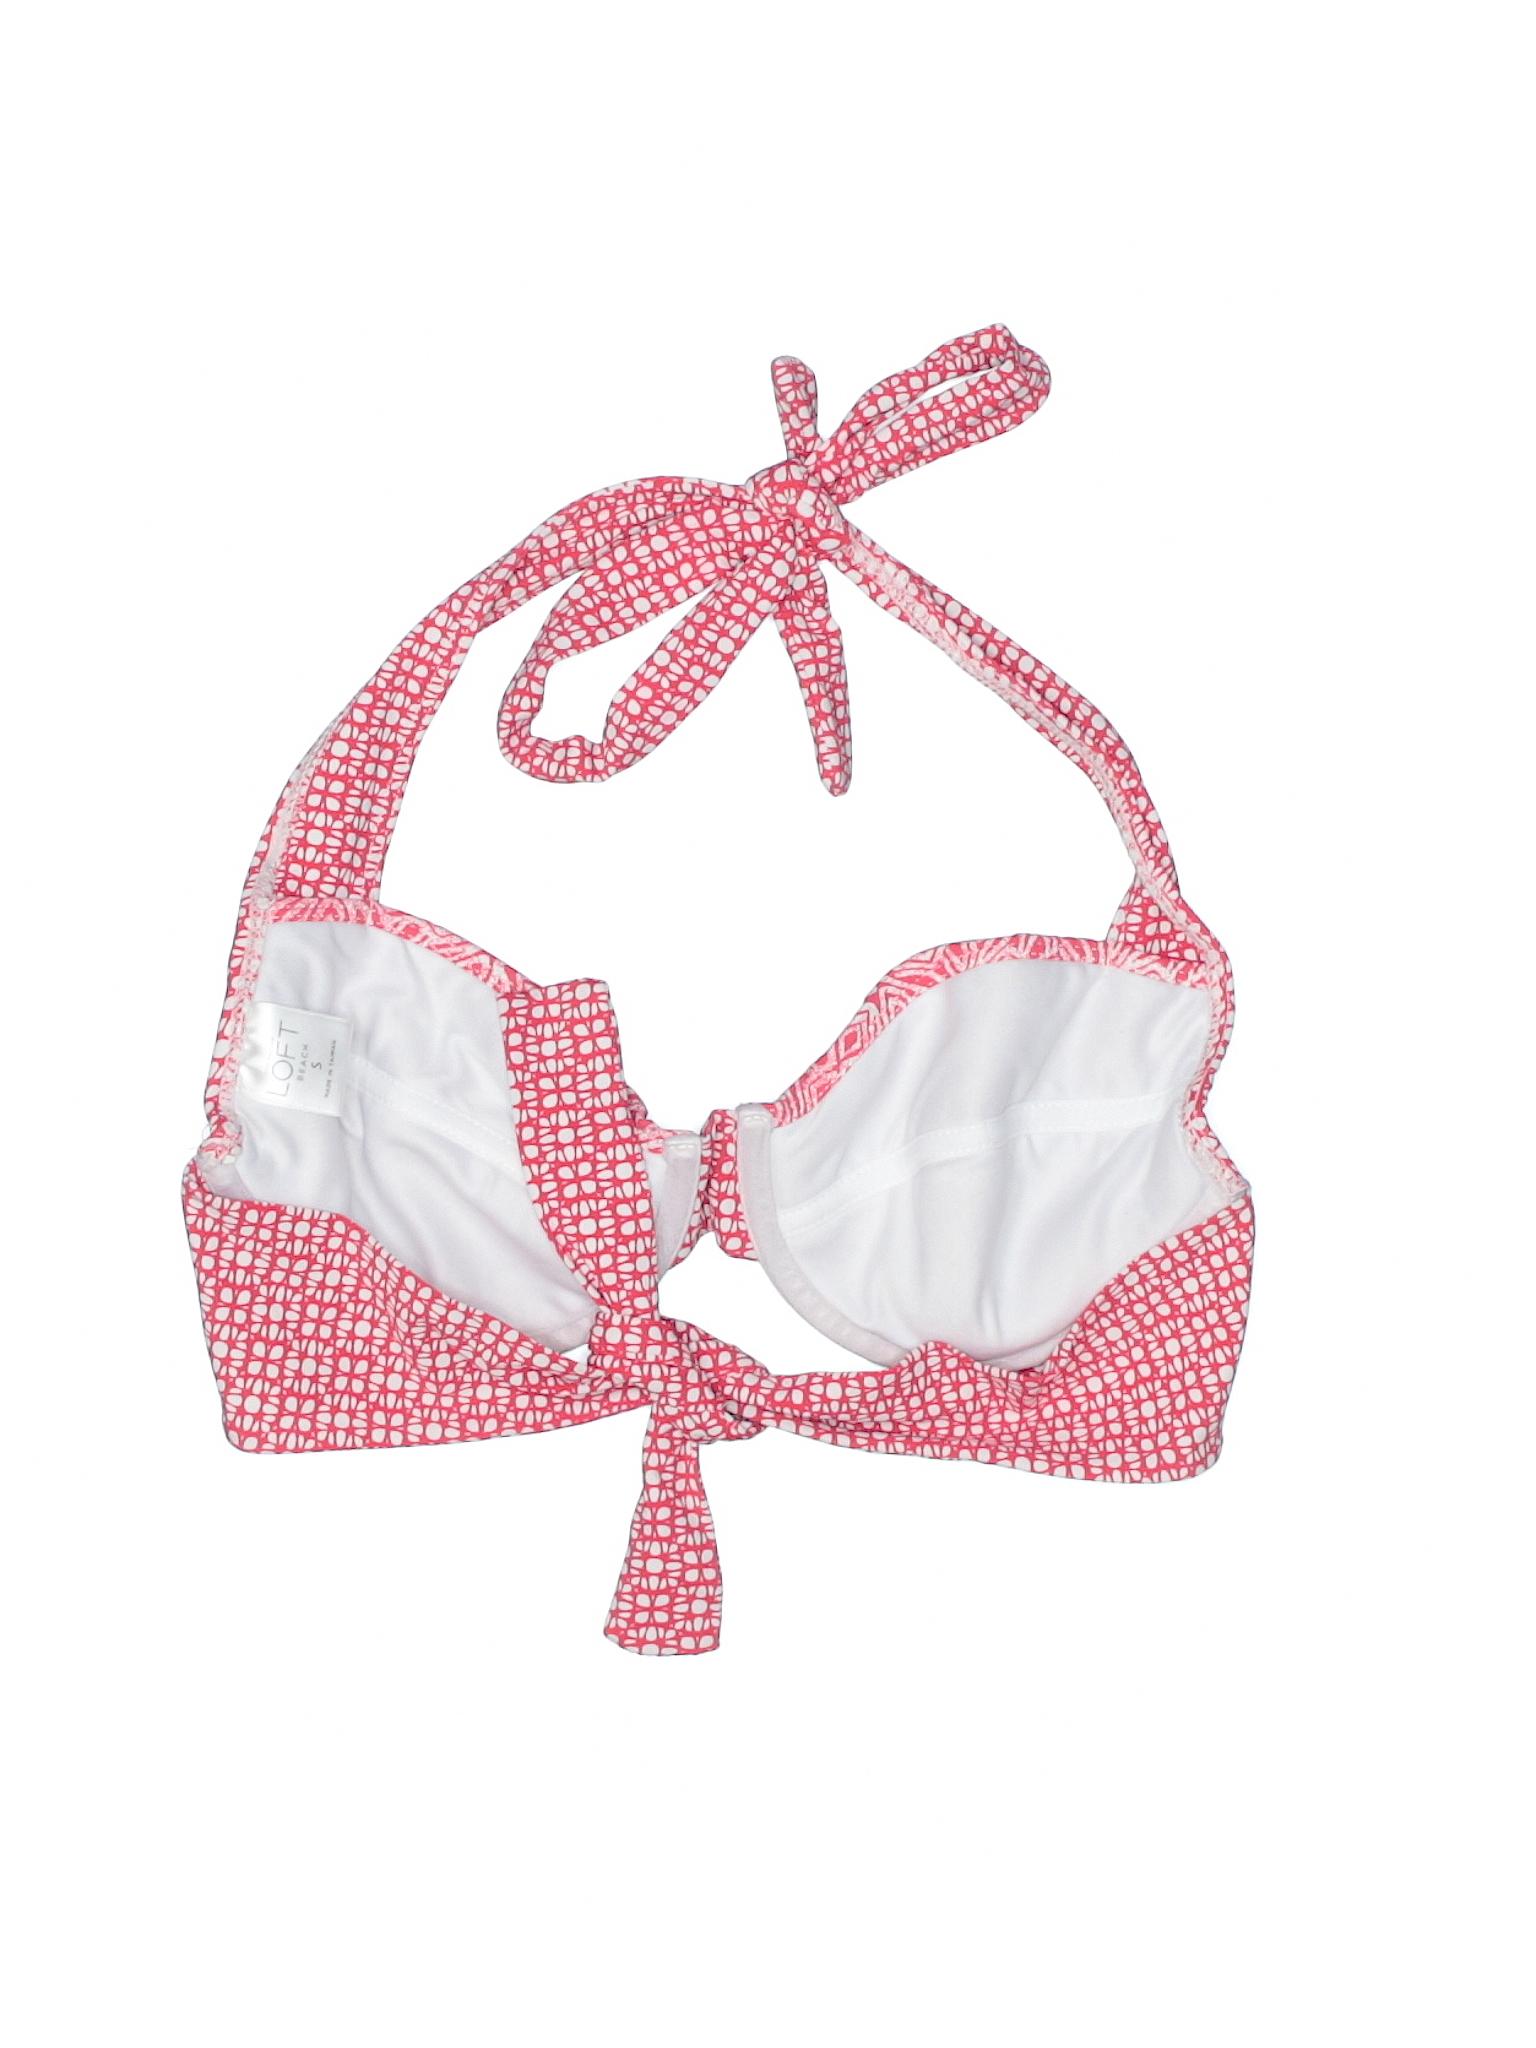 LOFT Taylor Ann Top Swimsuit Boutique wp1zPTxqw